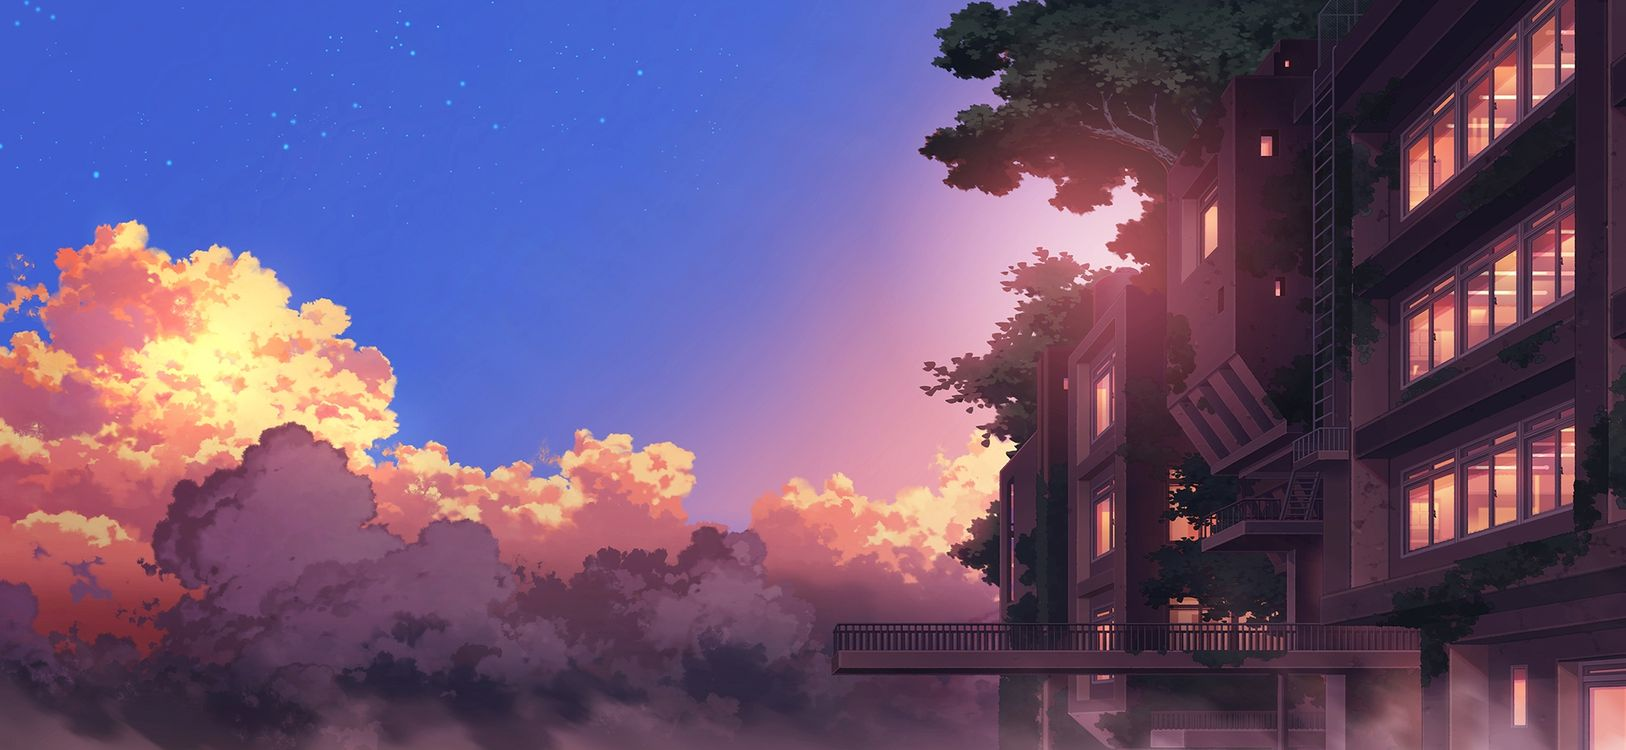 Фото бесплатно аниме пейзаж, здания, закат - на рабочий стол